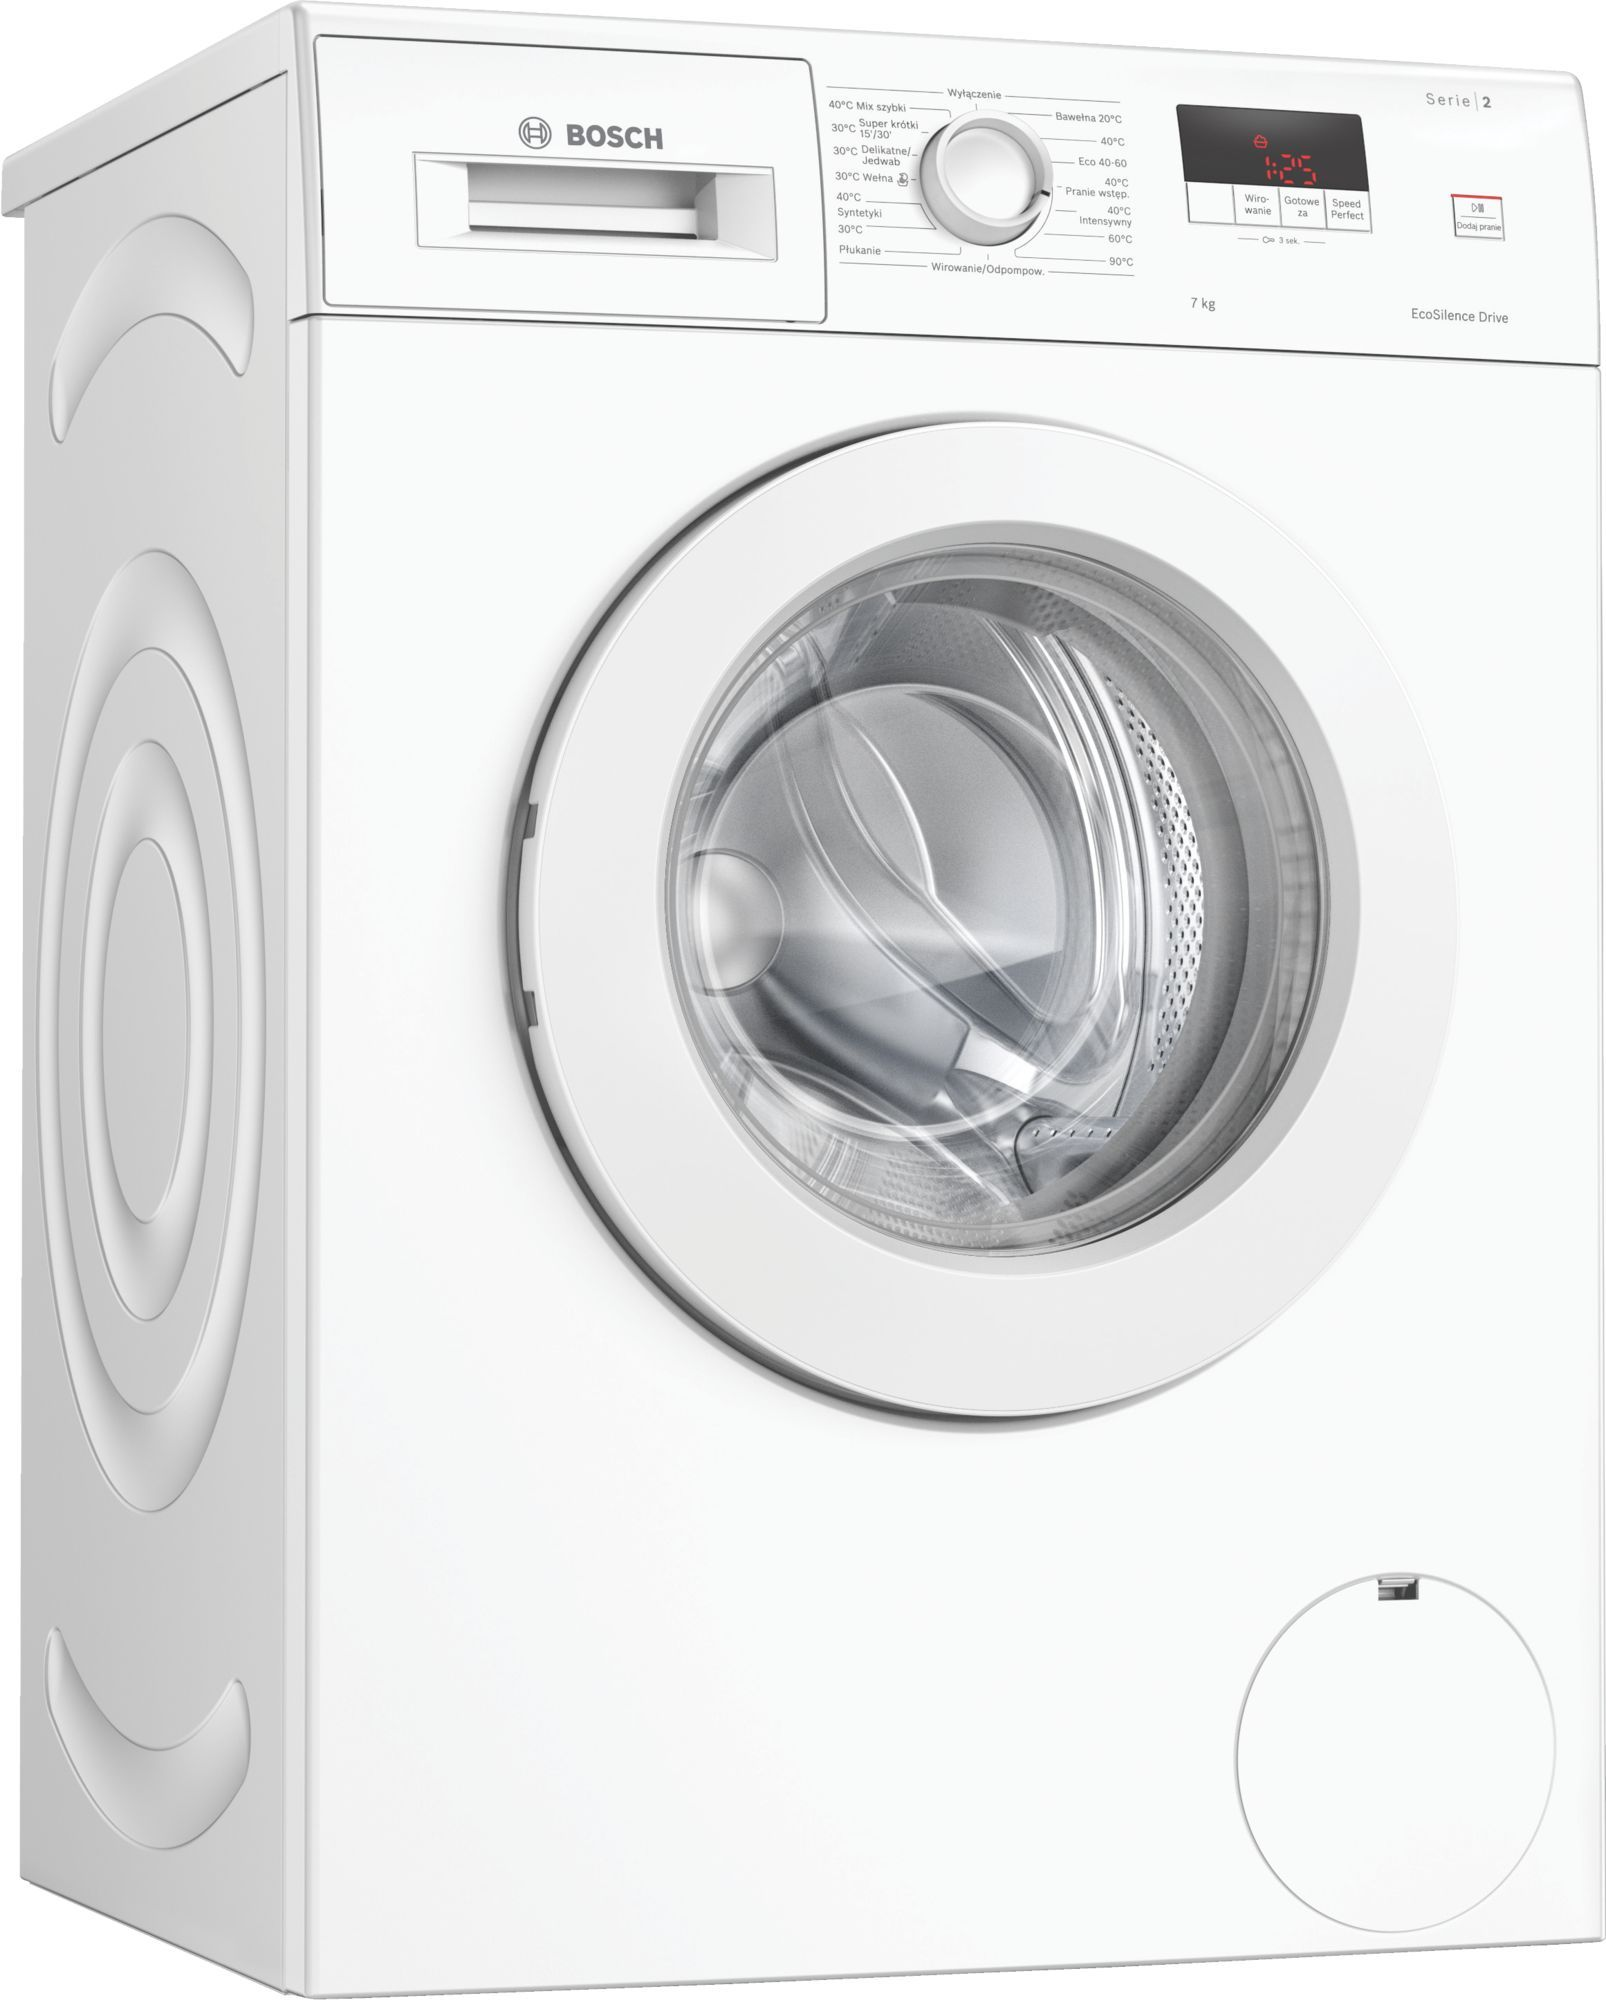 Bosch Waj28060pl W Morele Net